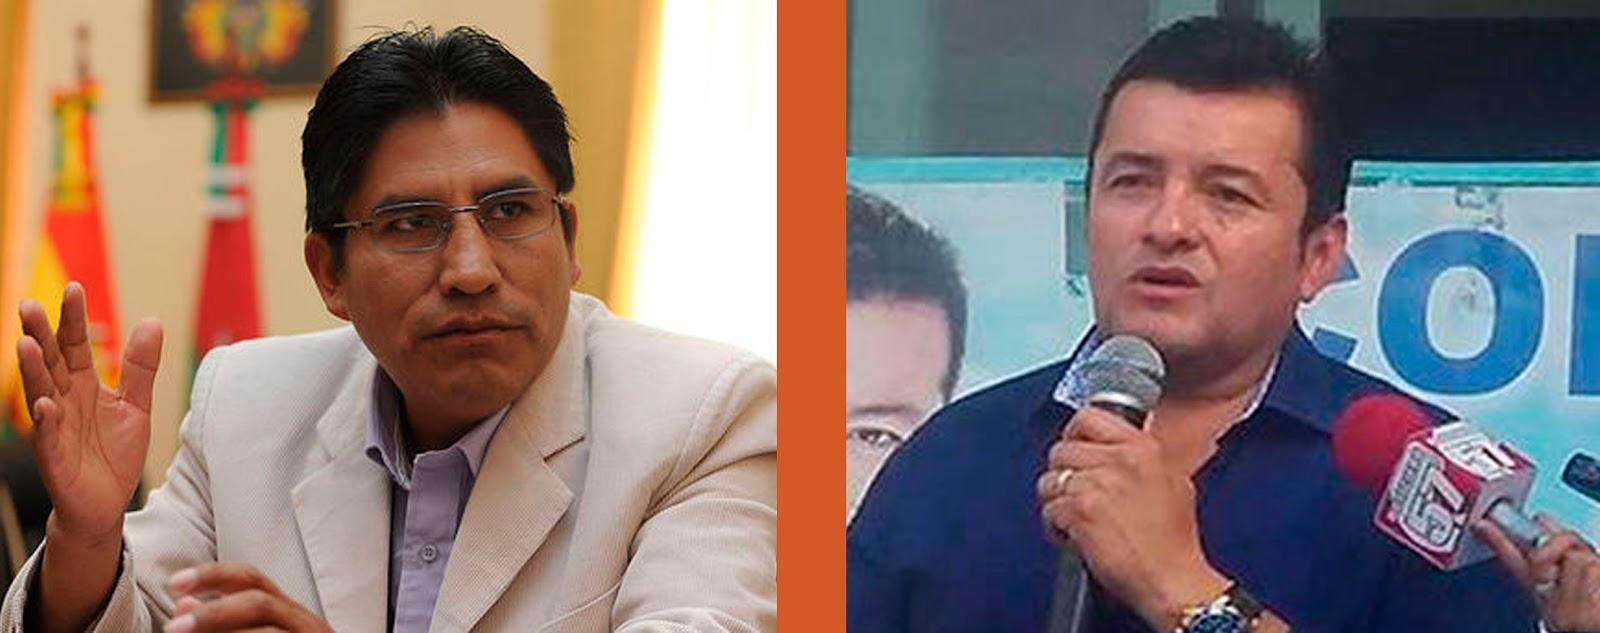 Patzi y Fernández, jefes de dos partidos que quedaron sin personería jurídica este domingo / WEB / MONTAJE